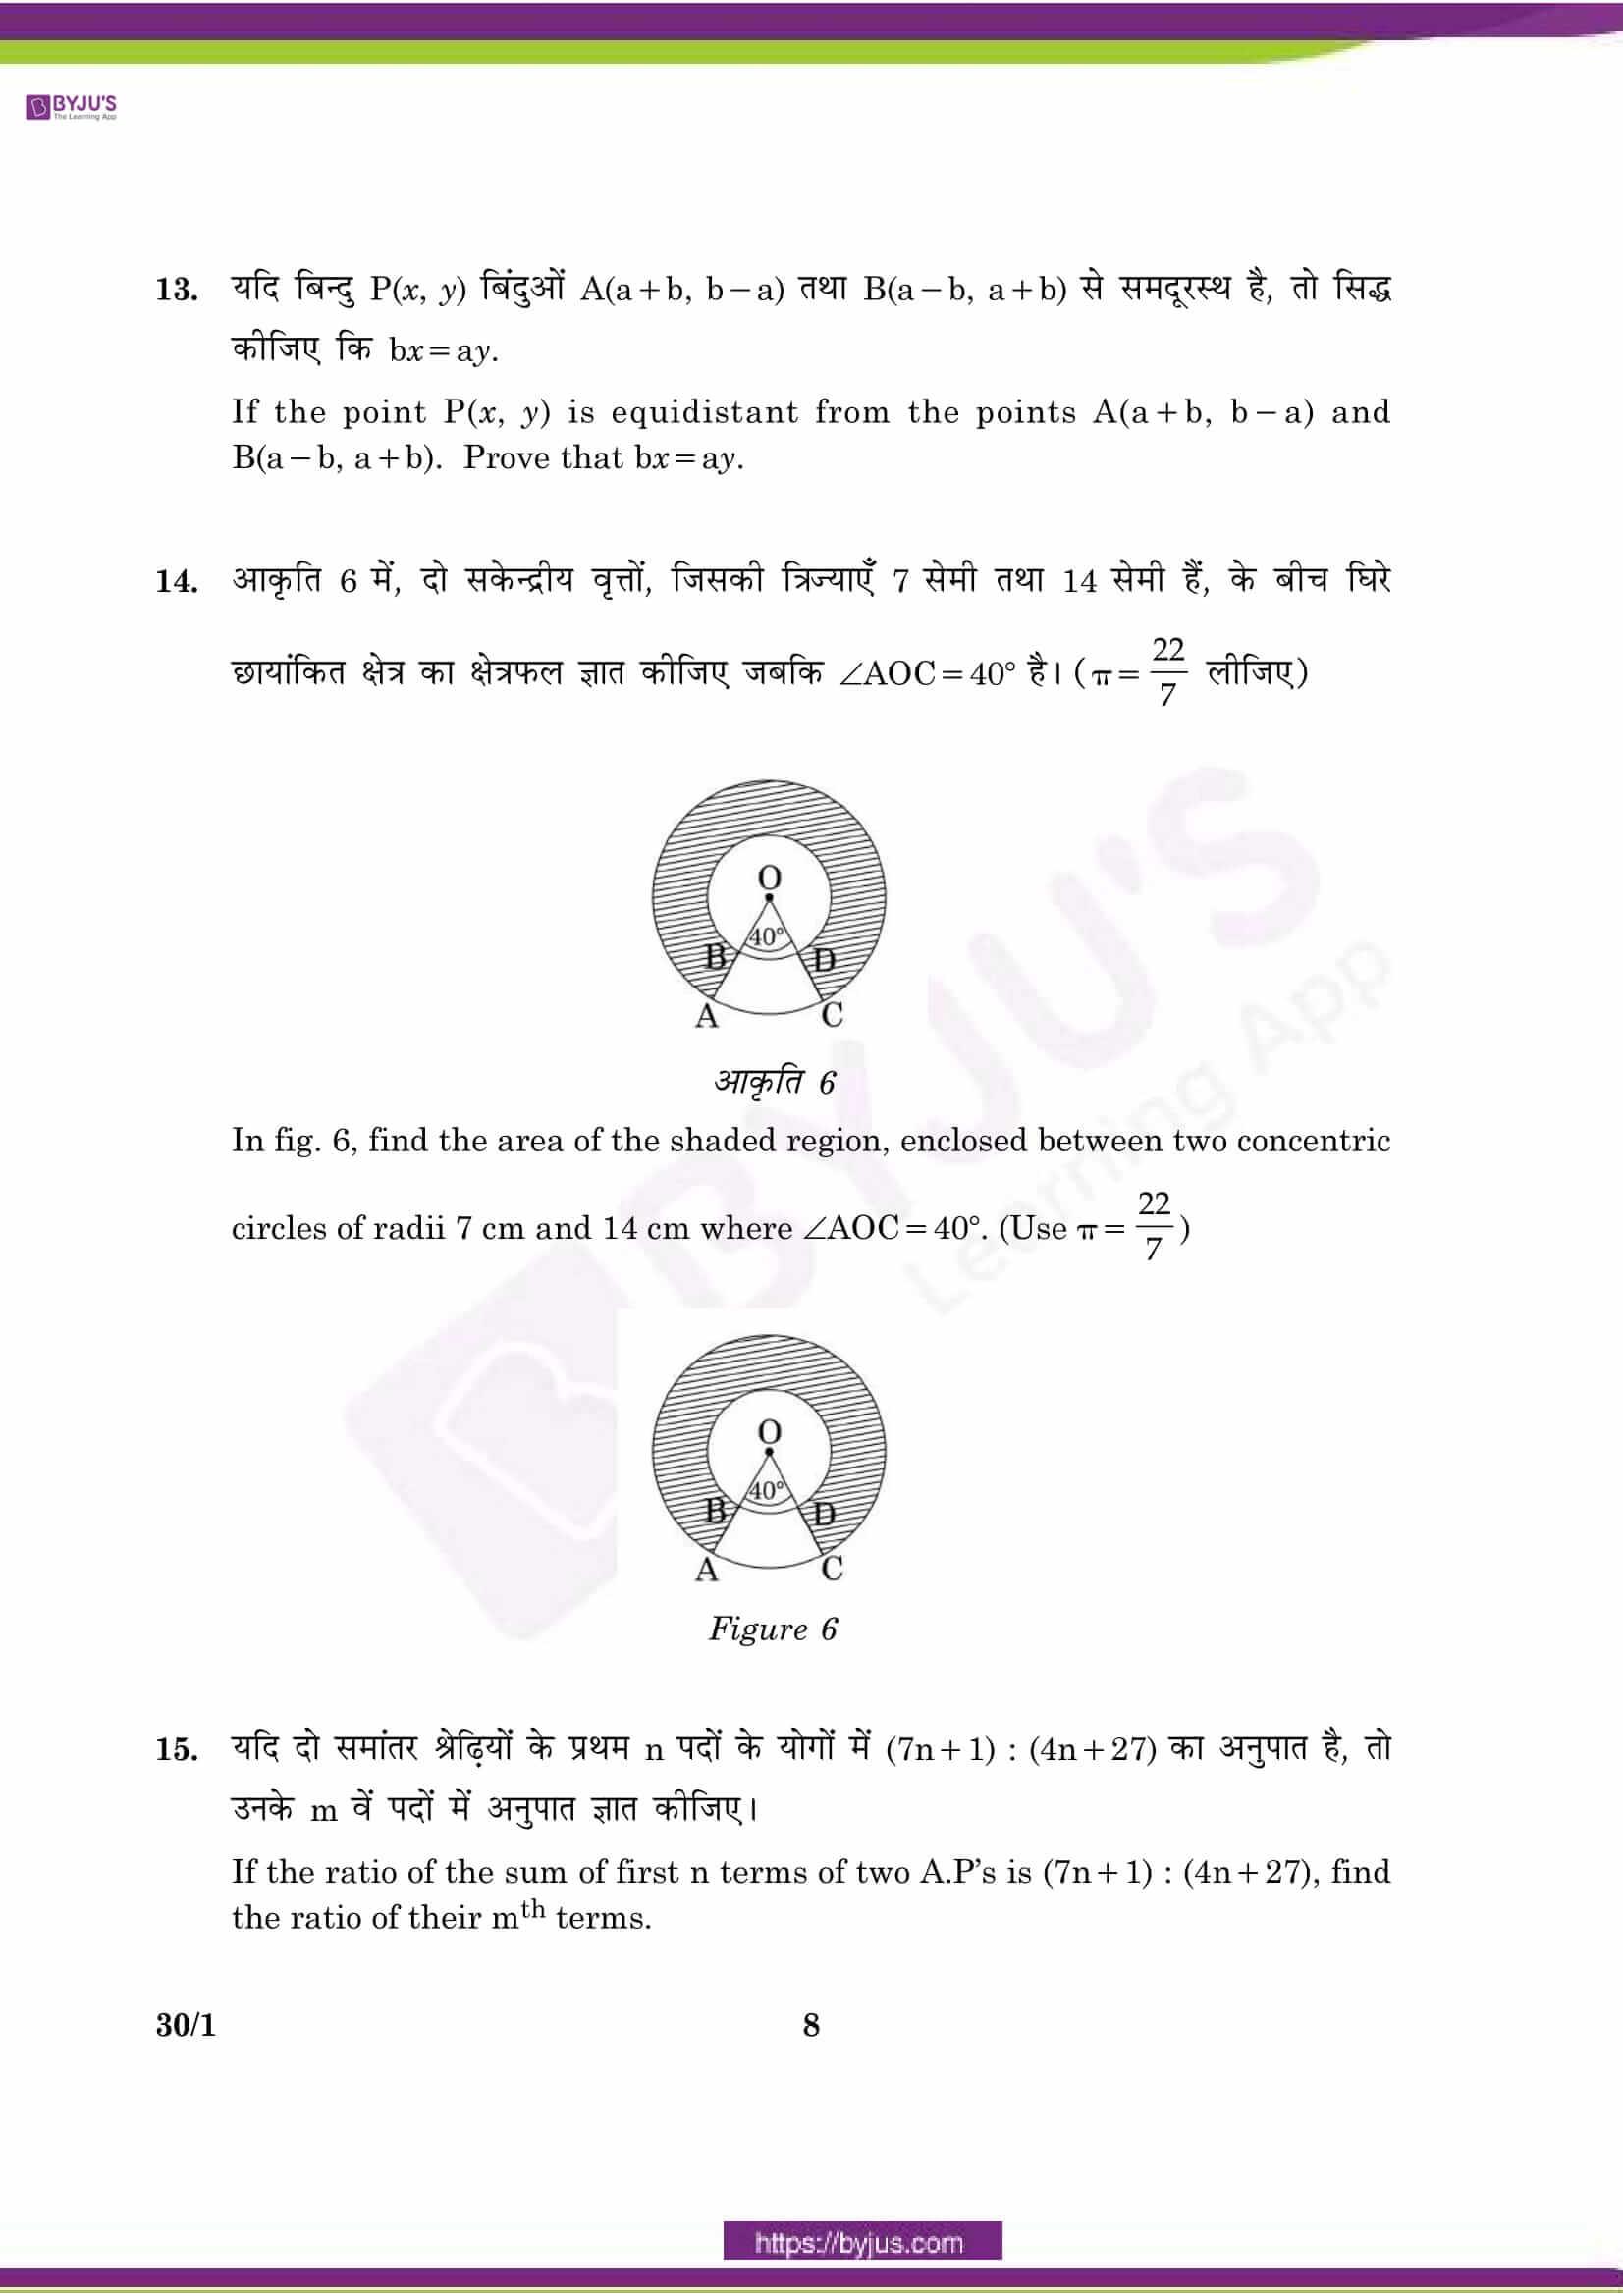 CBSE Class 10 Maths Qs Paper 2016 SA 2 Set 1 08